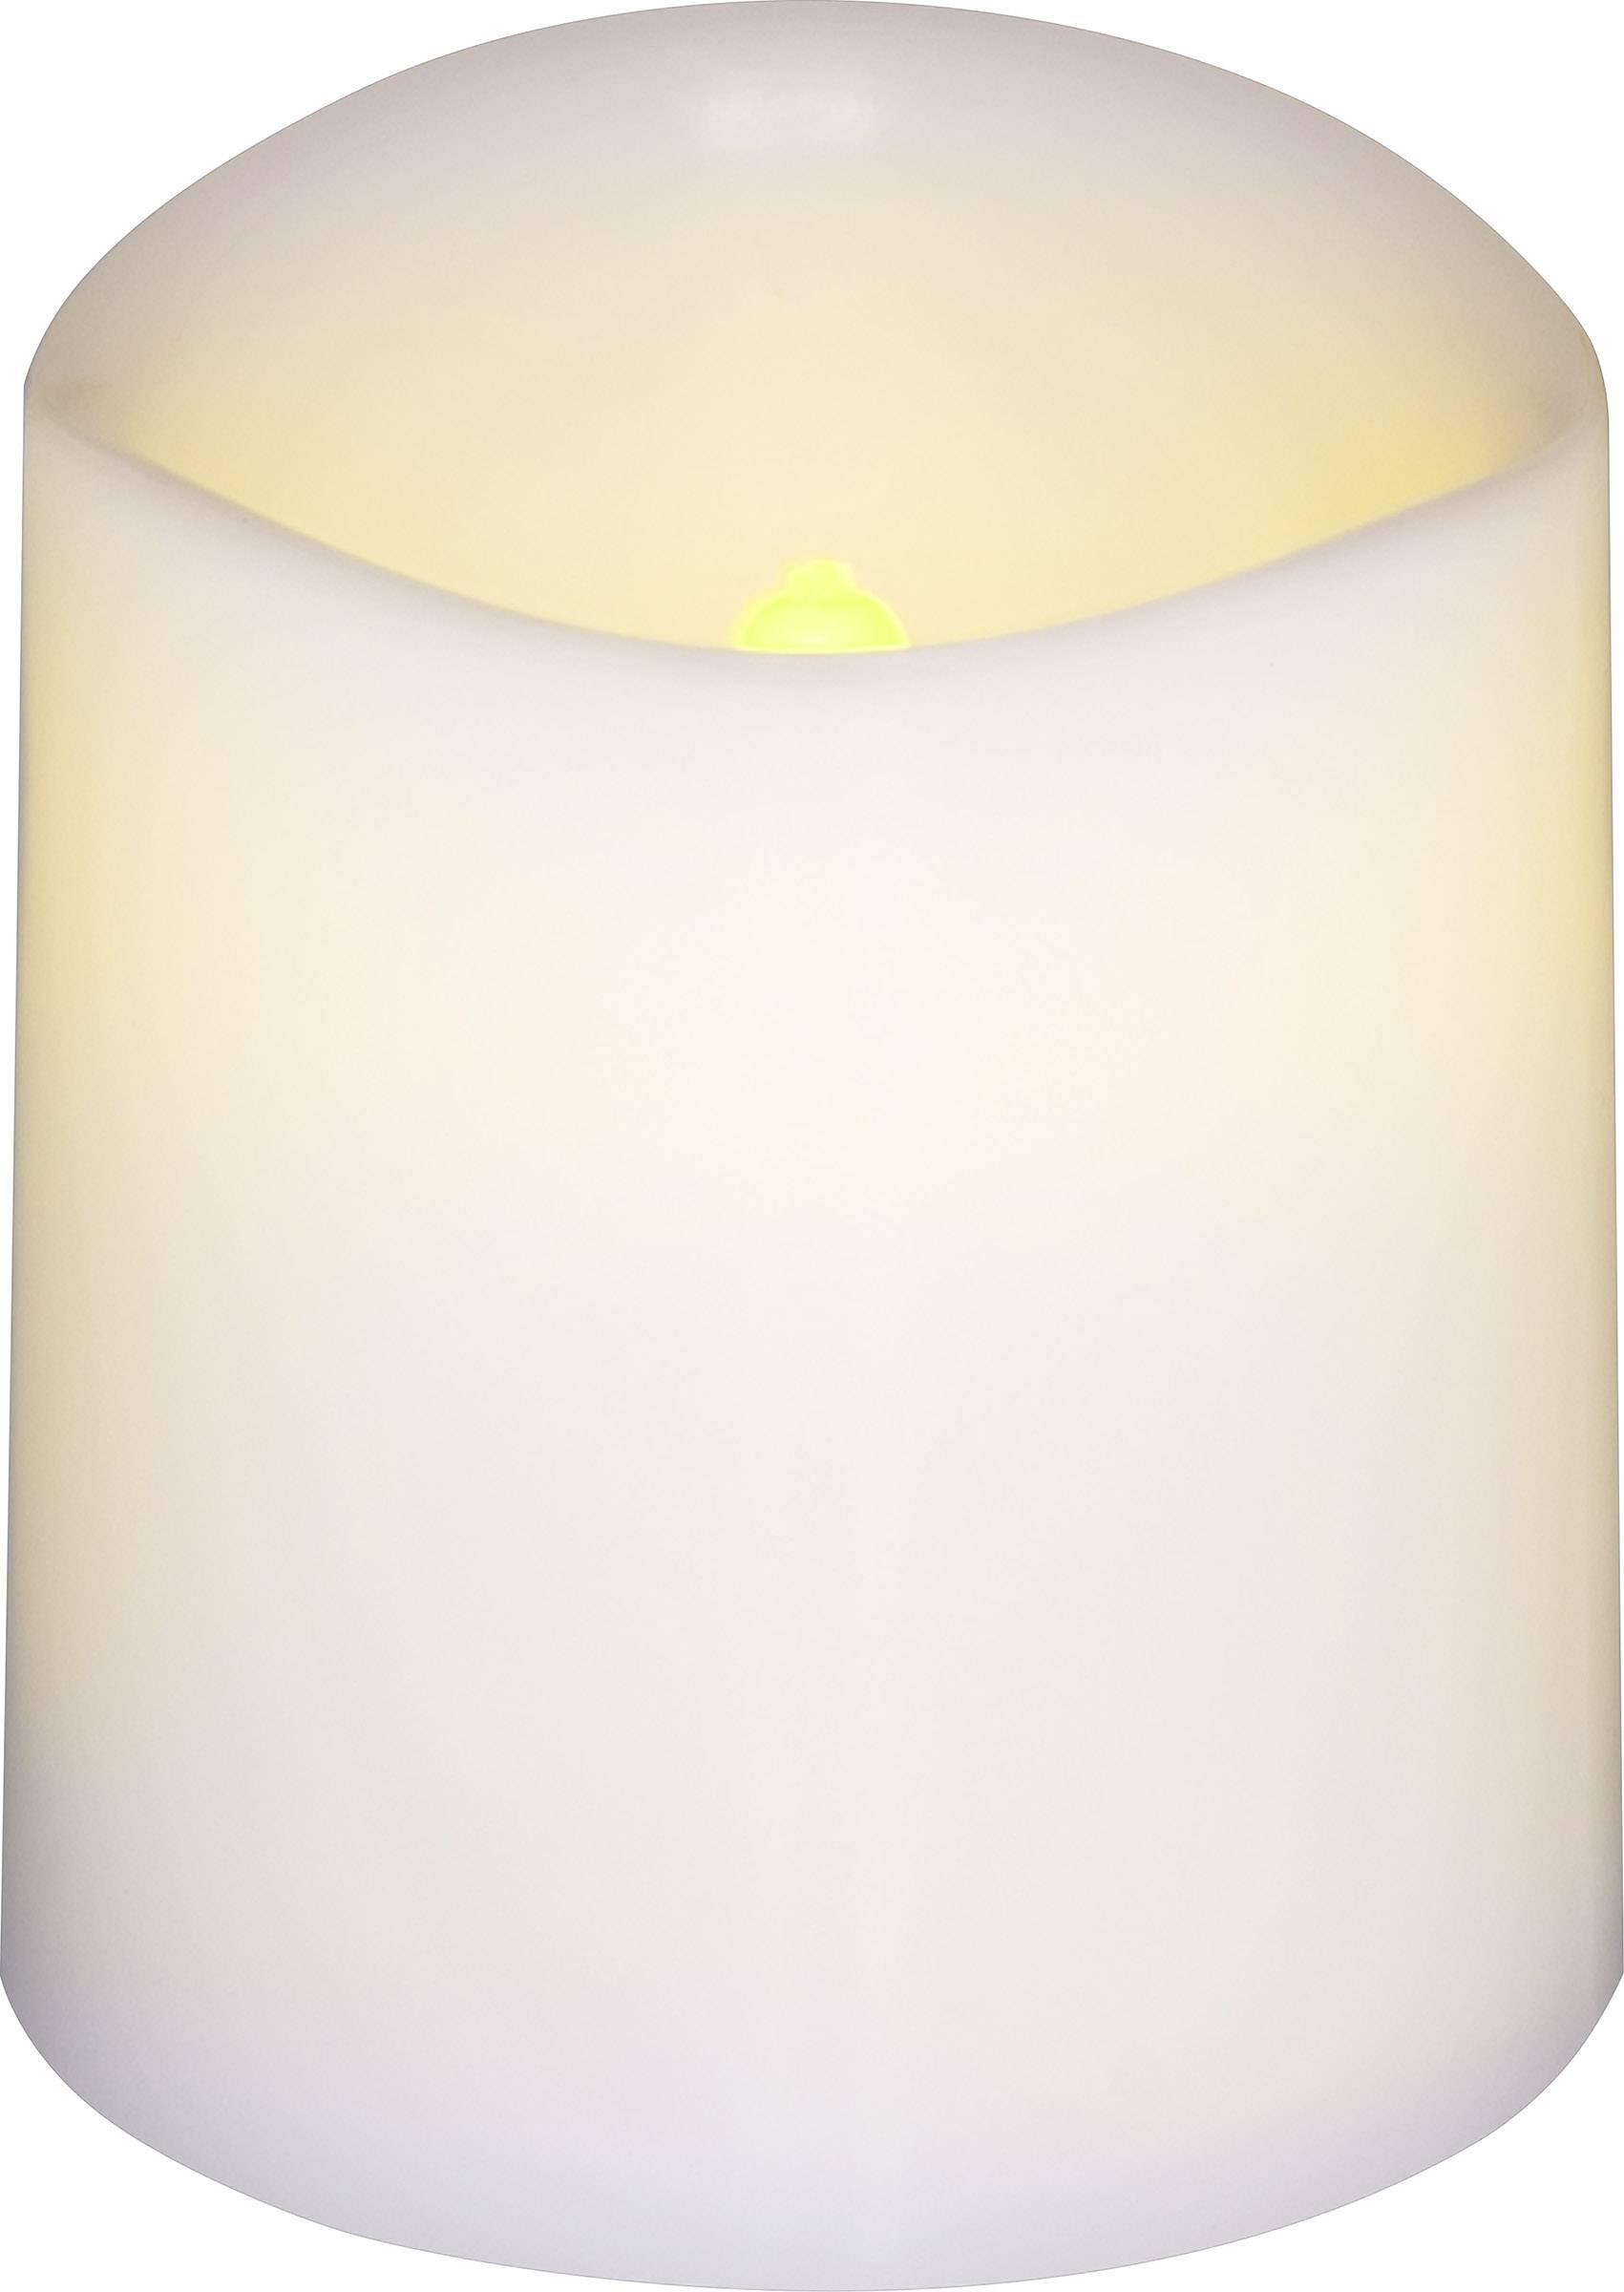 Vnútorné LED vosková sviečka Polarlite 1 ks, biela